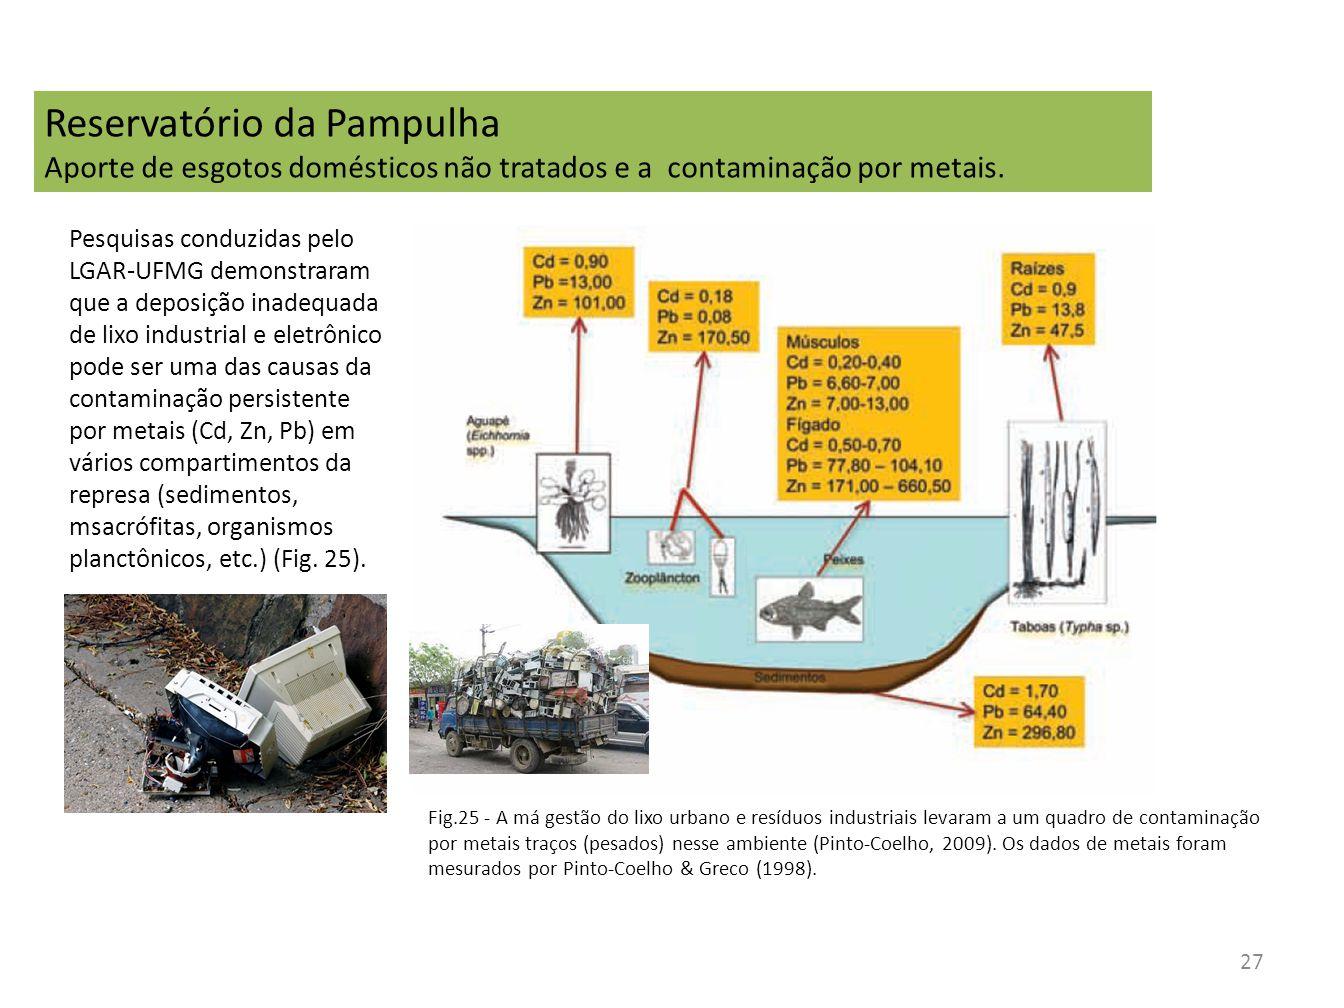 27 Fig.25 - A má gestão do lixo urbano e resíduos industriais levaram a um quadro de contaminação por metais traços (pesados) nesse ambiente (Pinto-Co